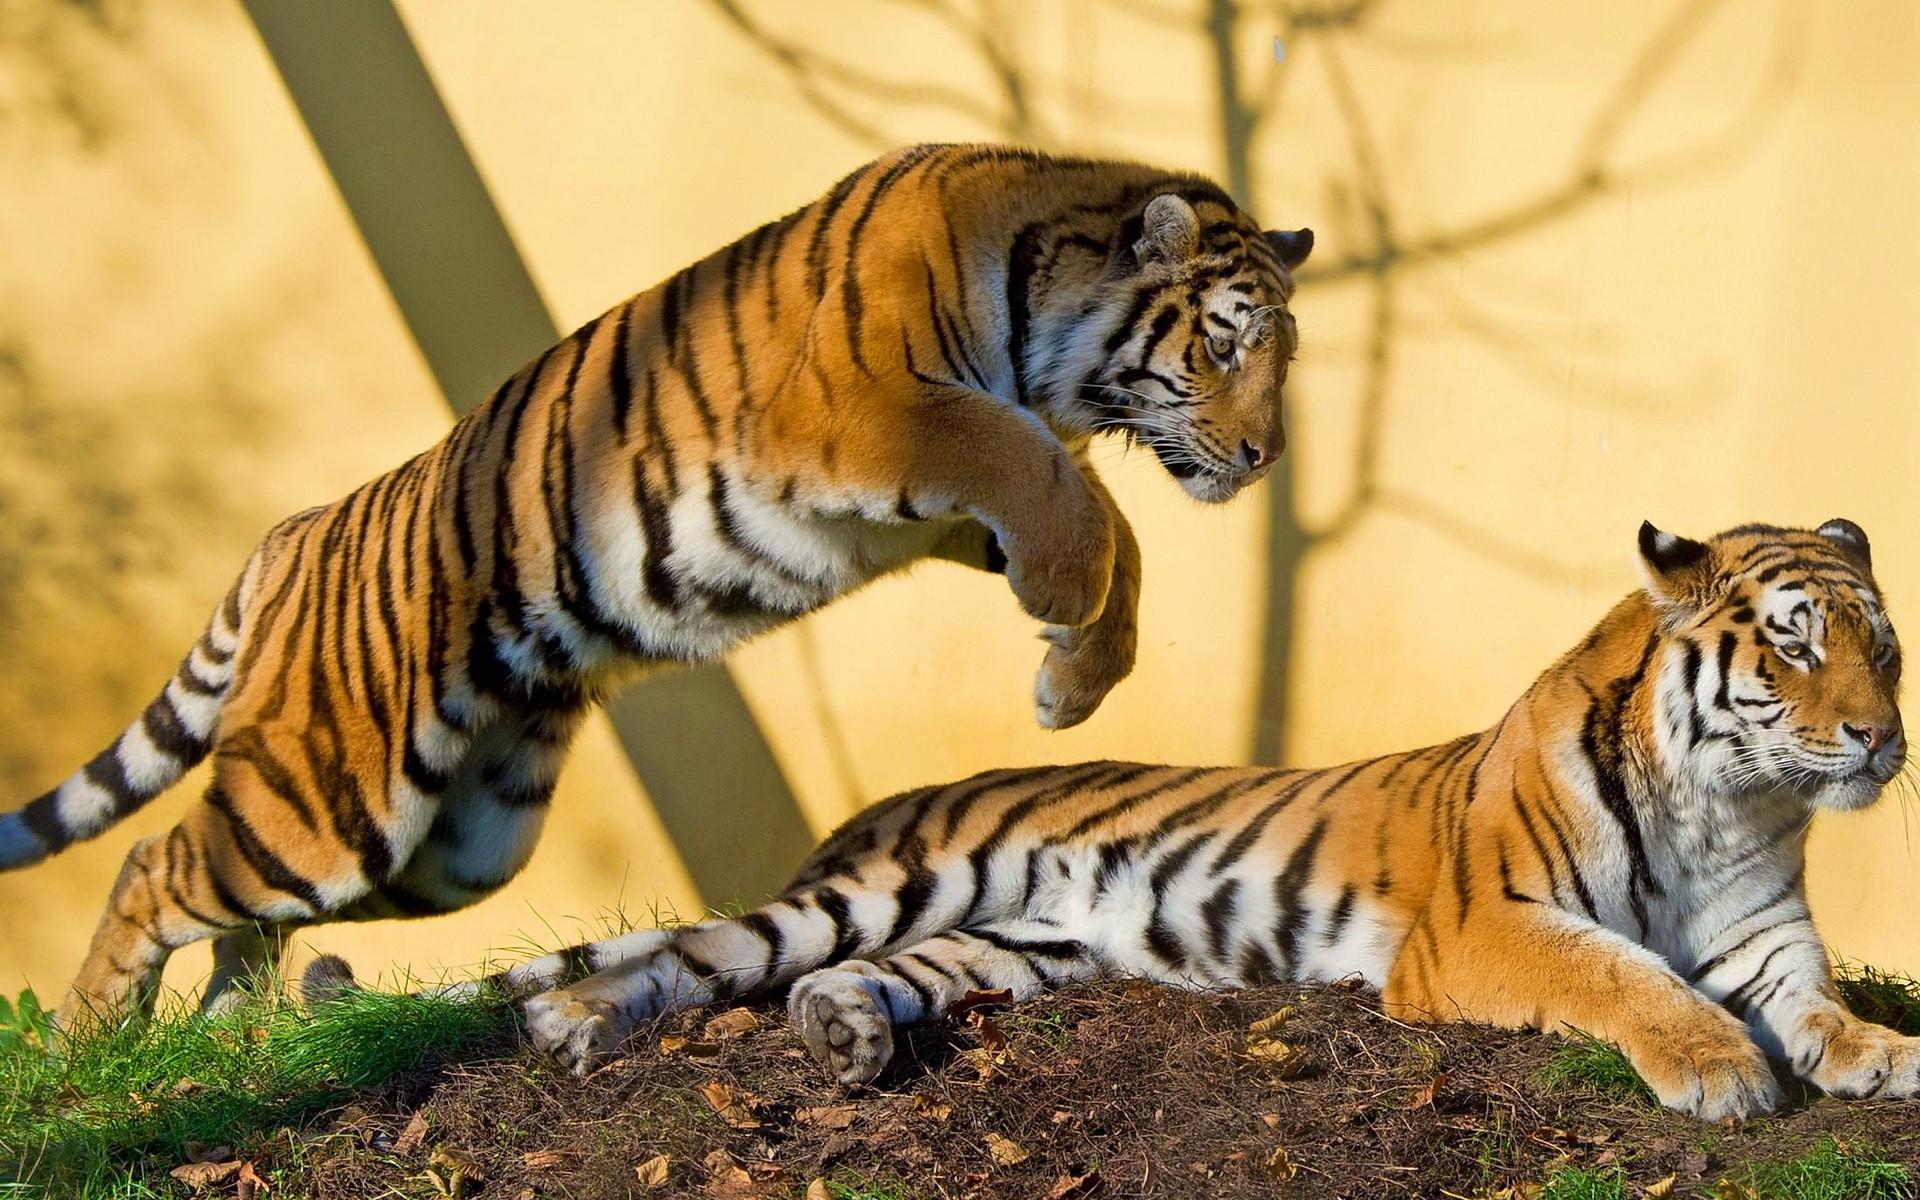 мастерицы тигр картинки фотографии полнолуние дотрагивается воды